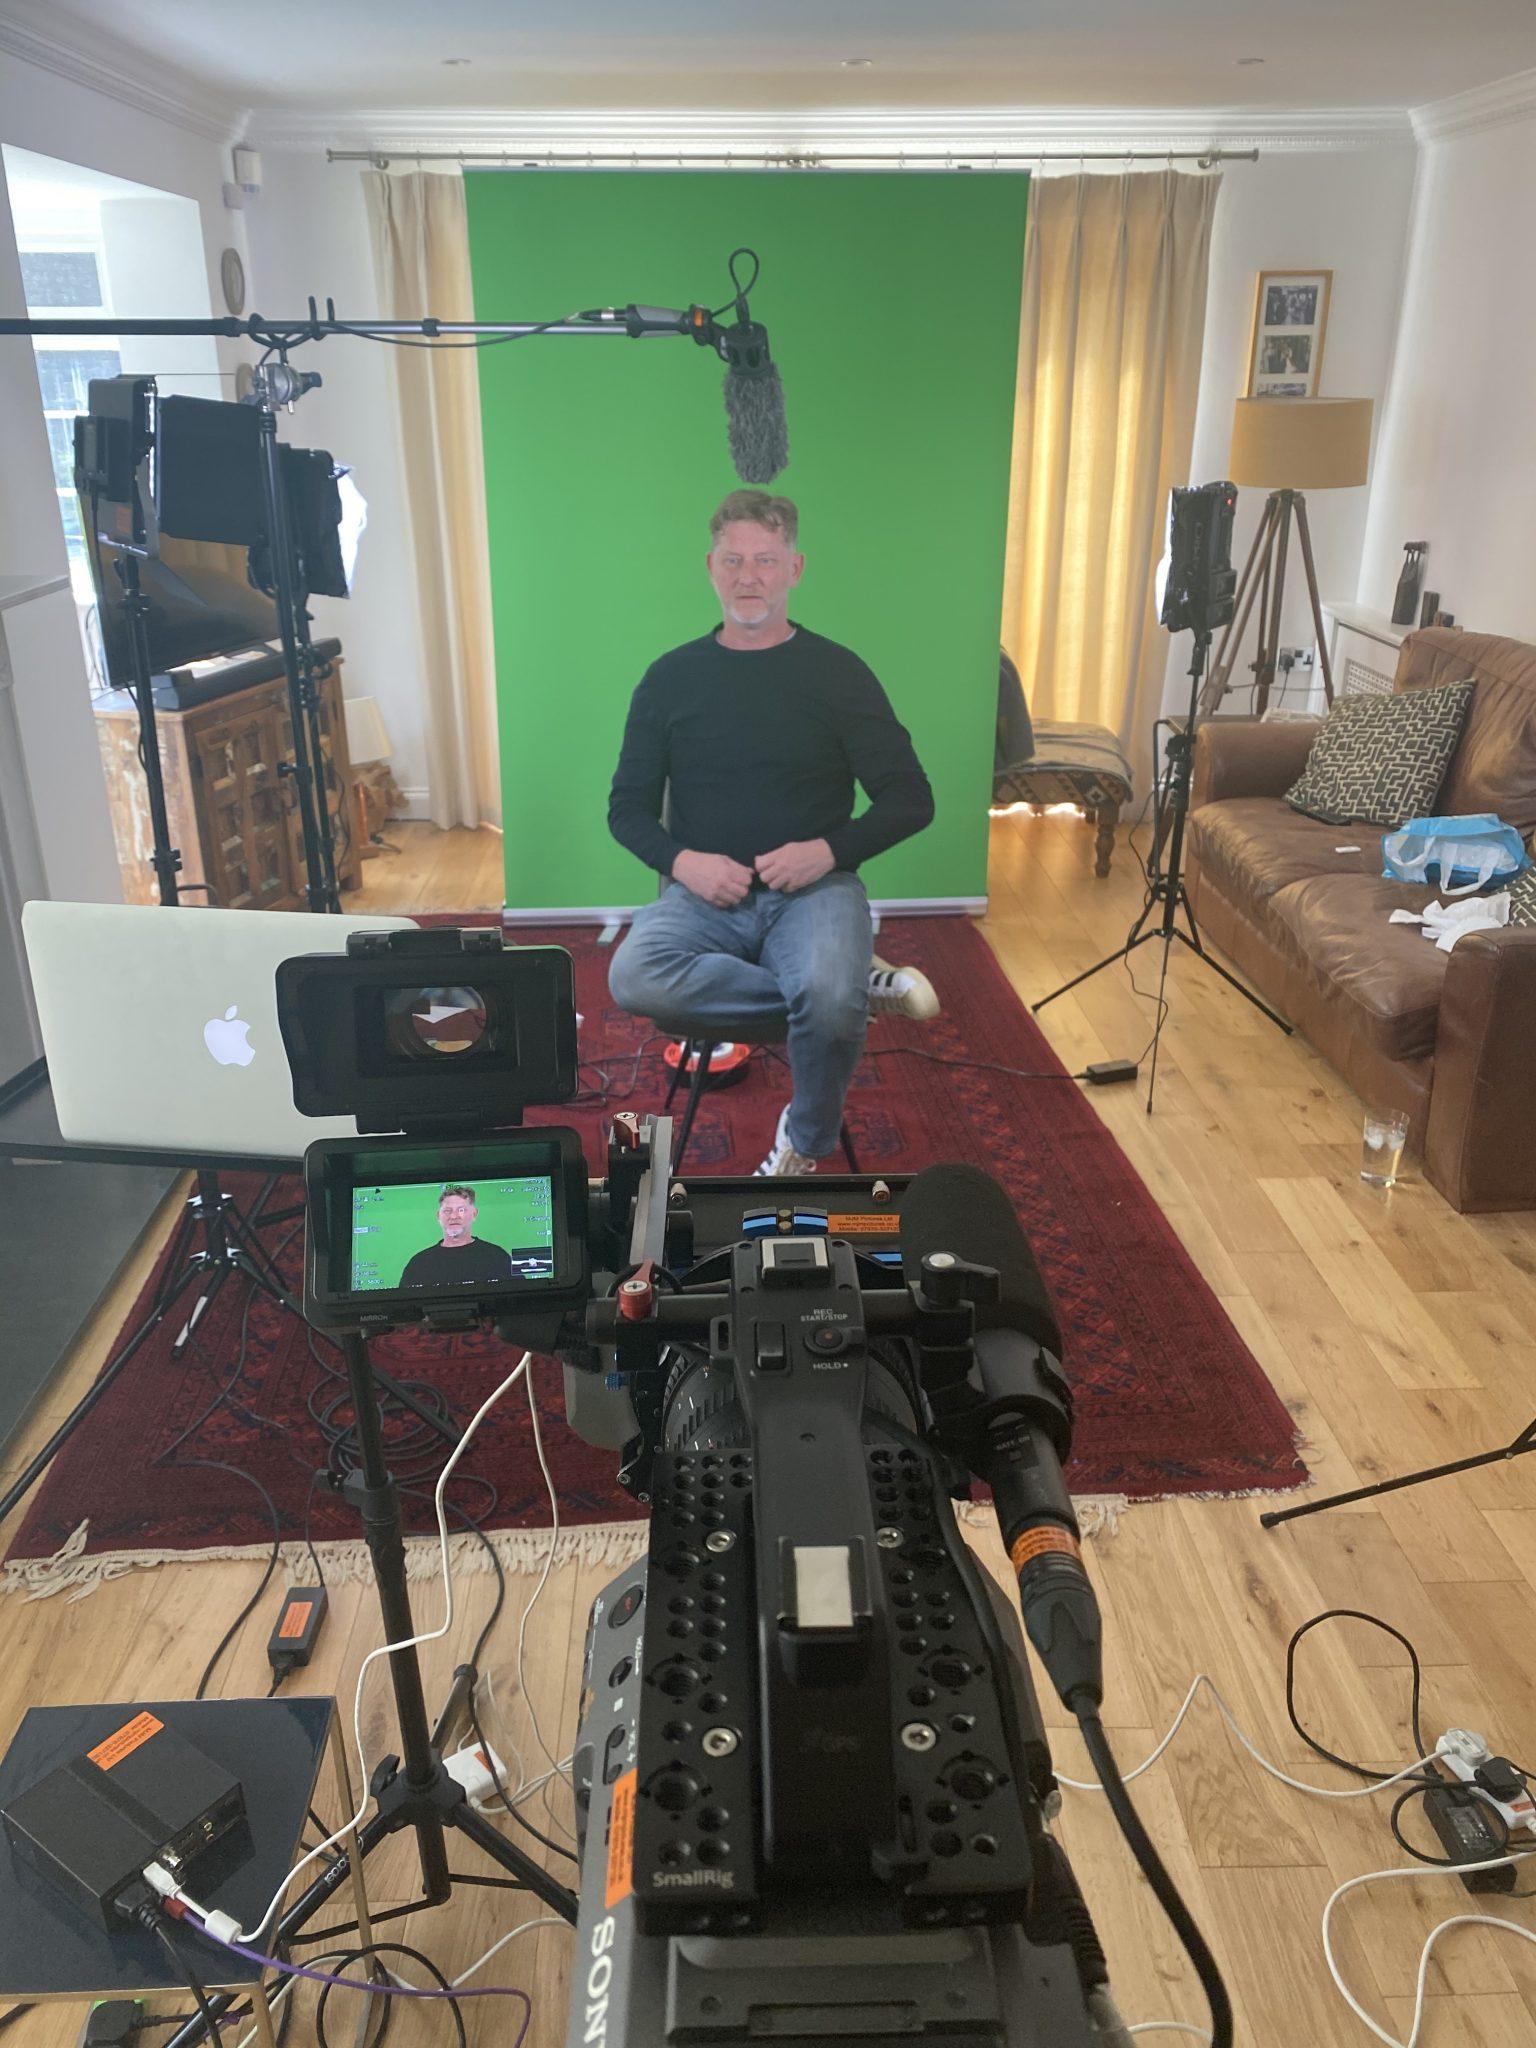 Green screen interview